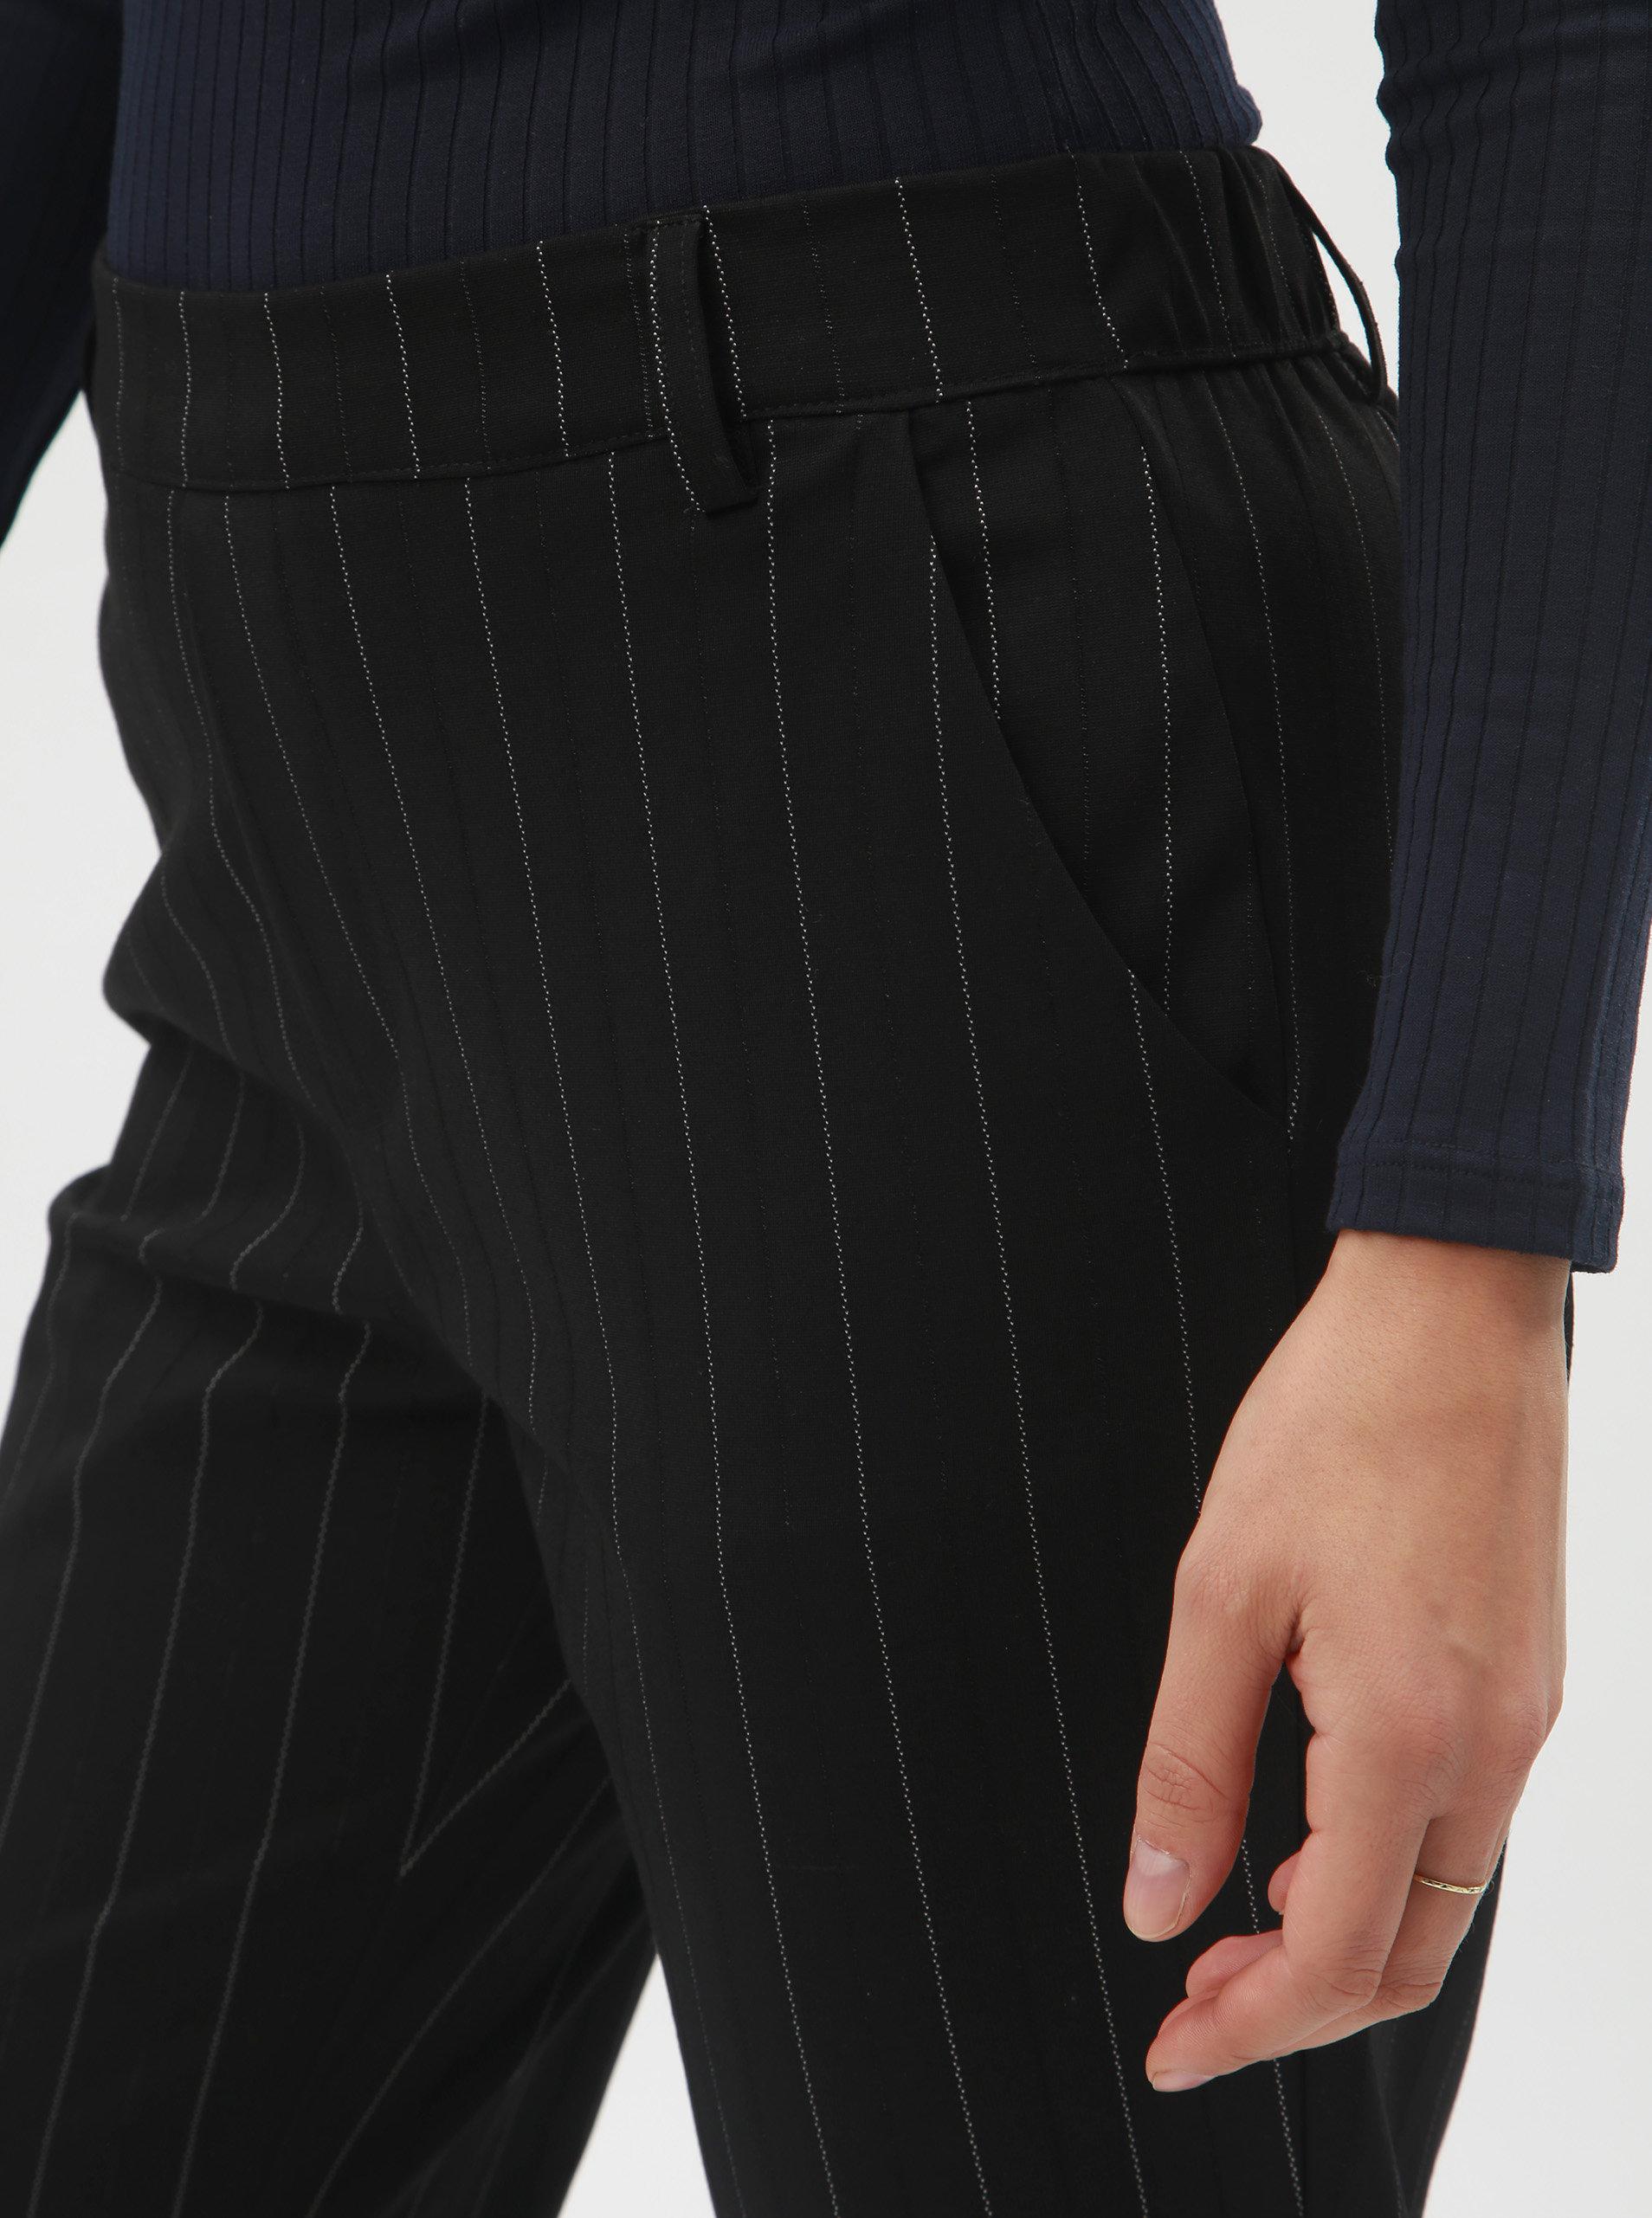 Černé pruhované kalhoty s gumou v pase Jacqueline de Yong Lilo ... 63117f5af9